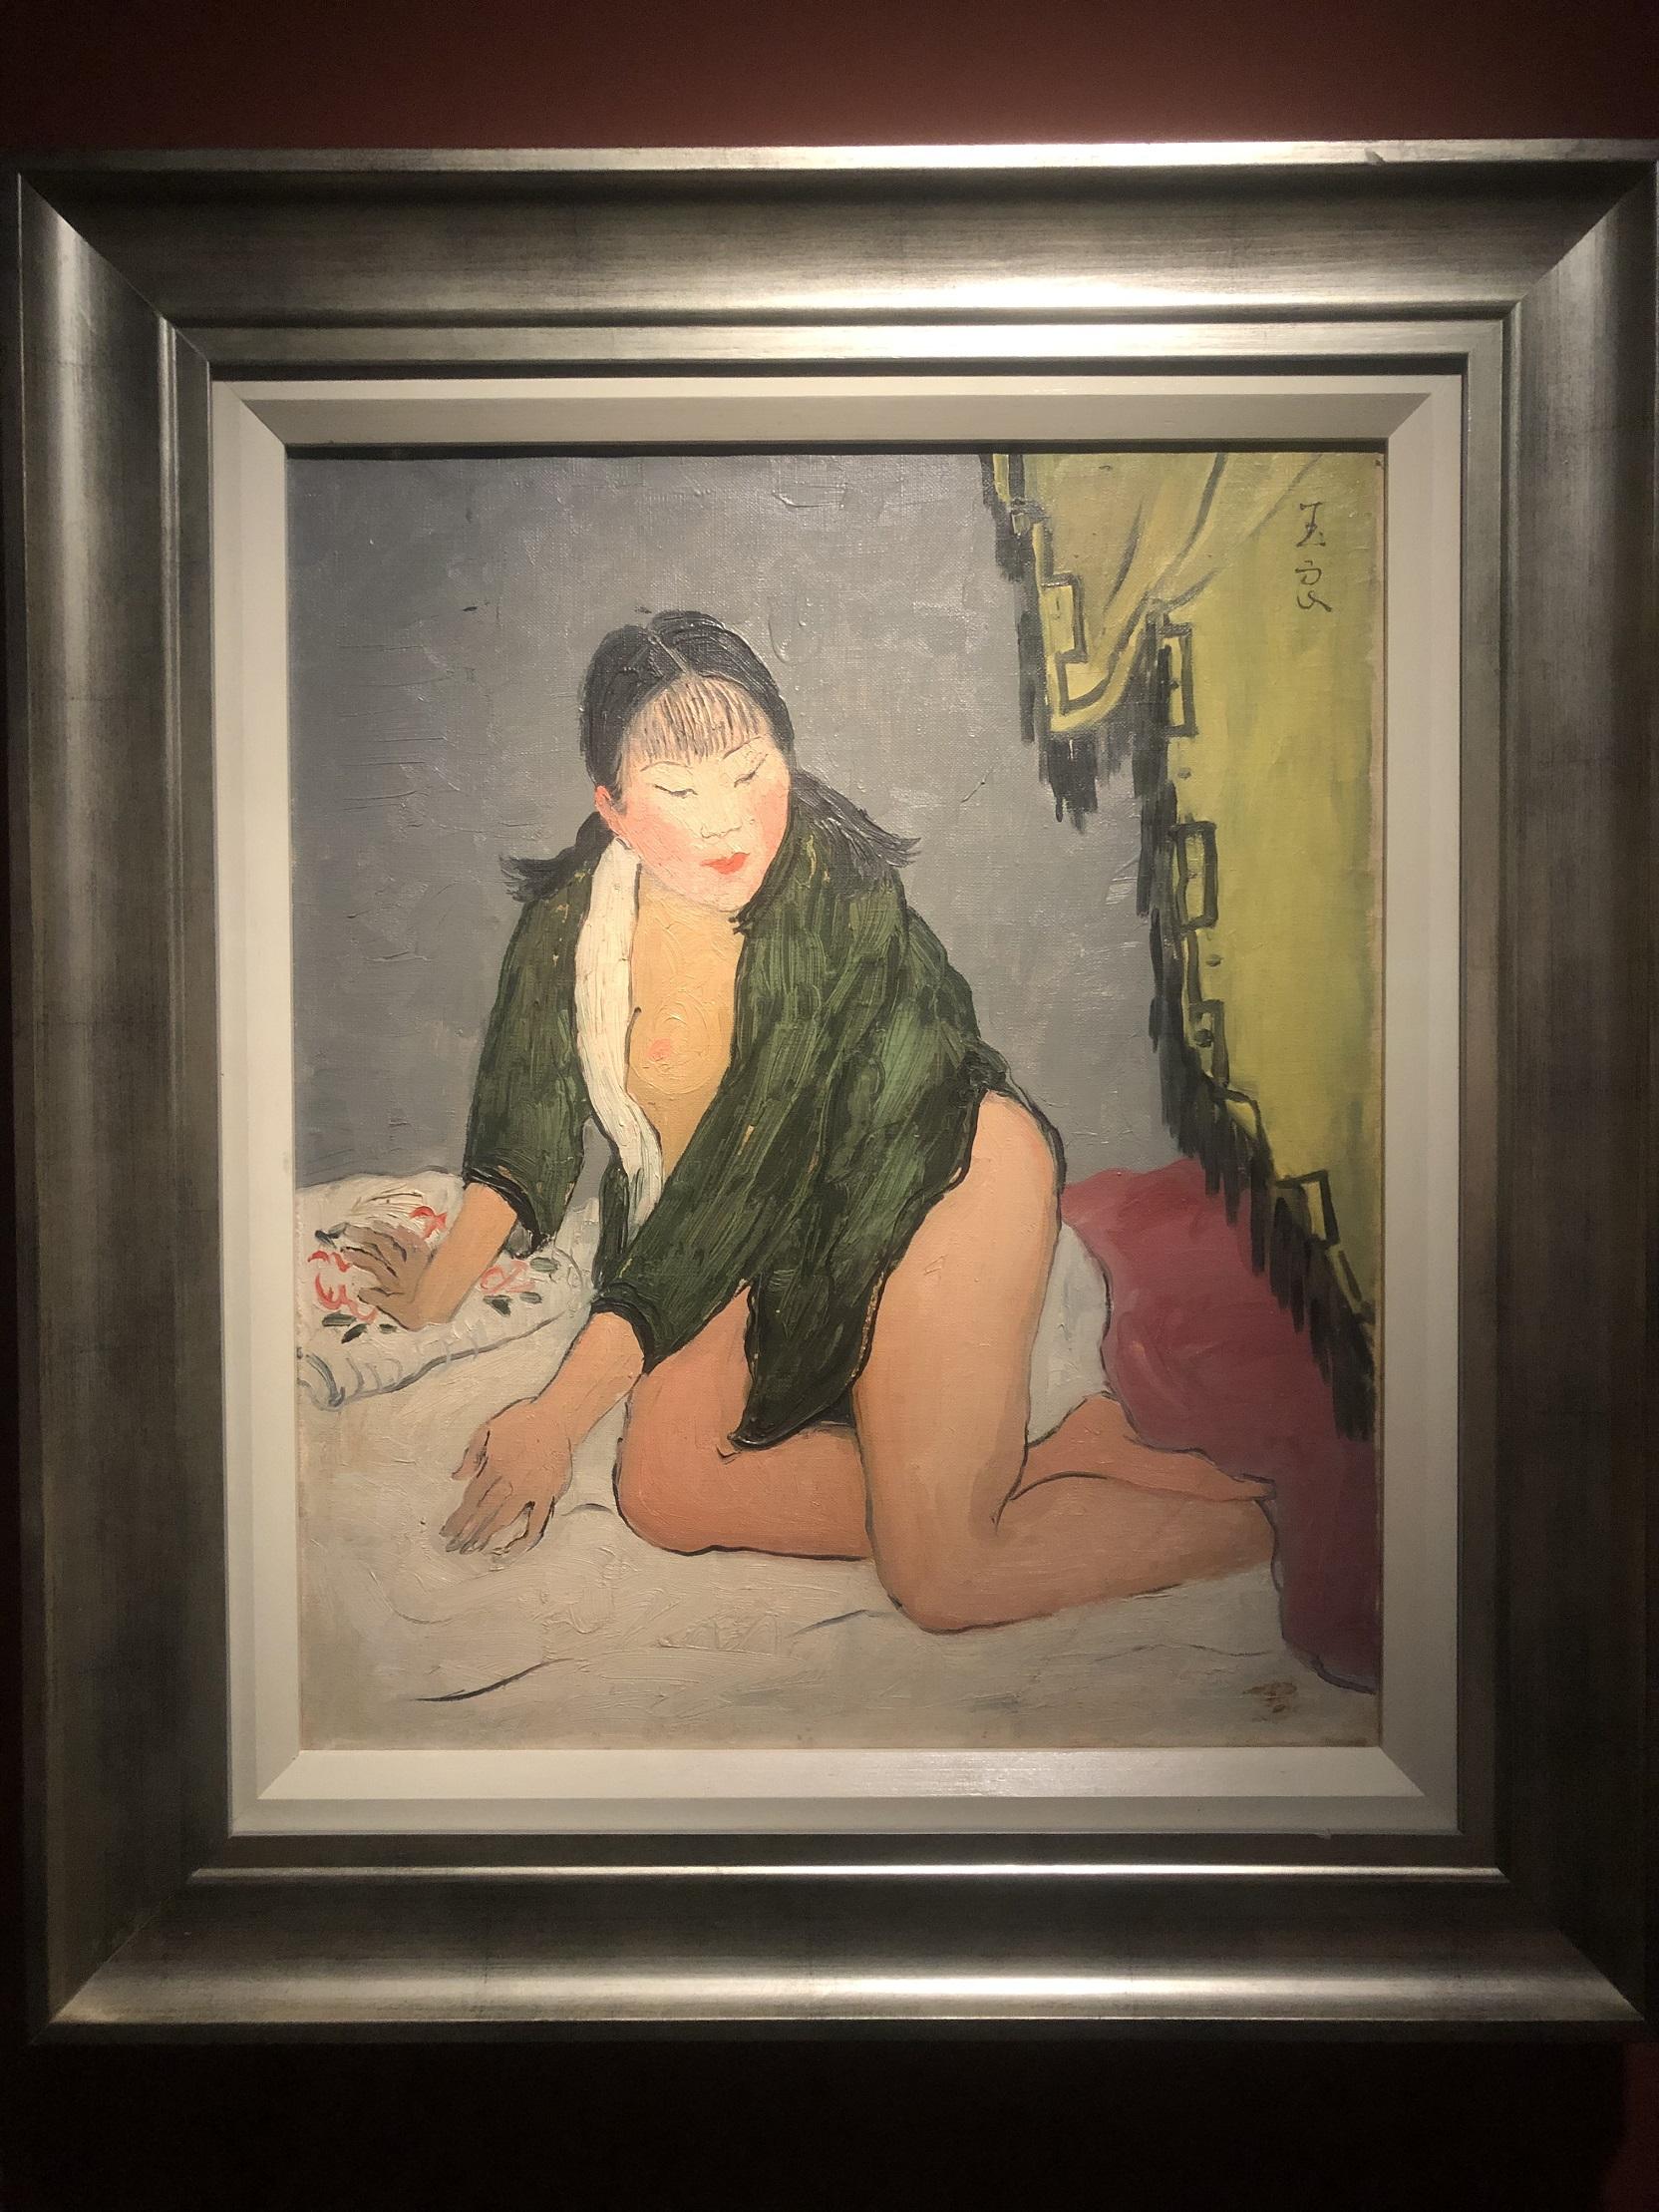 緑服裸婦-特別展【玉汝にする成功—潘玉良の芸術人生】成都博物館・安徽博物院